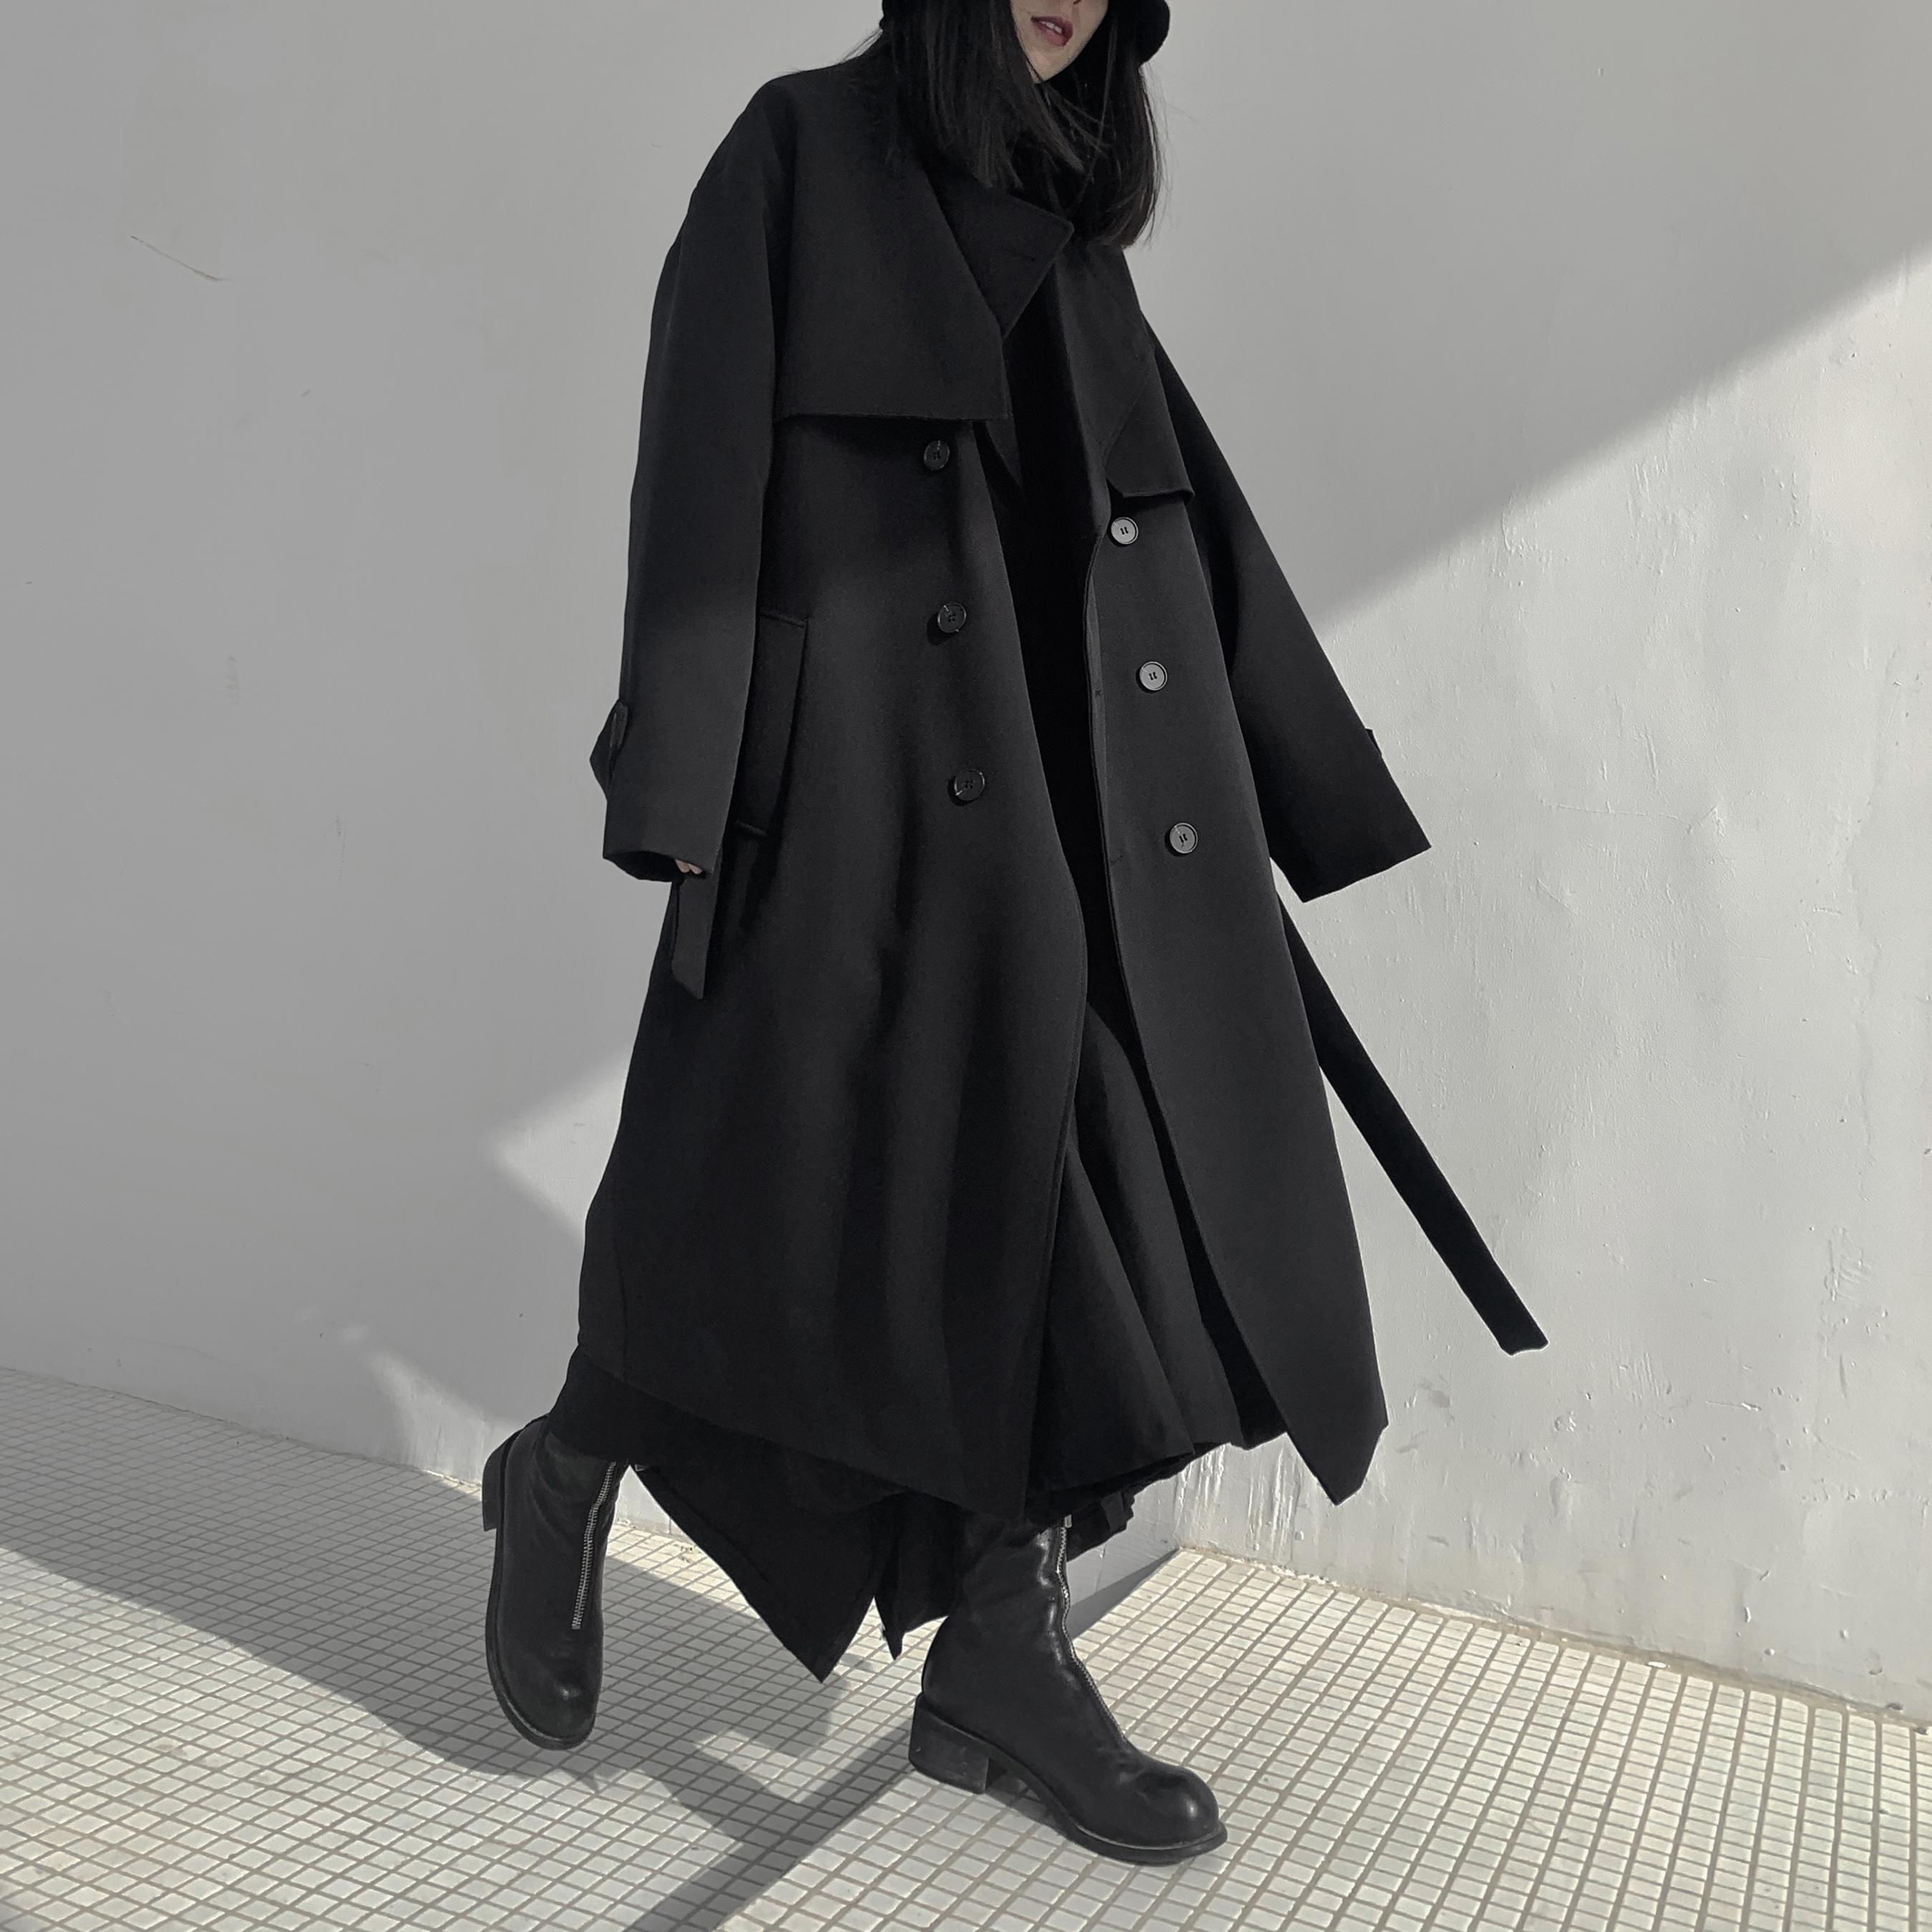 黑色风衣 冬季新品山本暗黑系小众设计师长款夹棉风衣外套棉服加厚黑色女装_推荐淘宝好看的黑色风衣